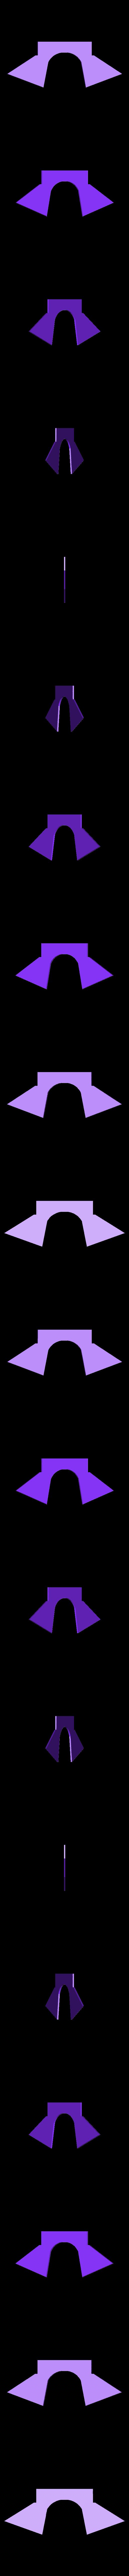 WhiteDecorMouthPart3.stl Download free STL file Power Rangers Megaforce Gosei morpher • 3D printable design, EliGreen